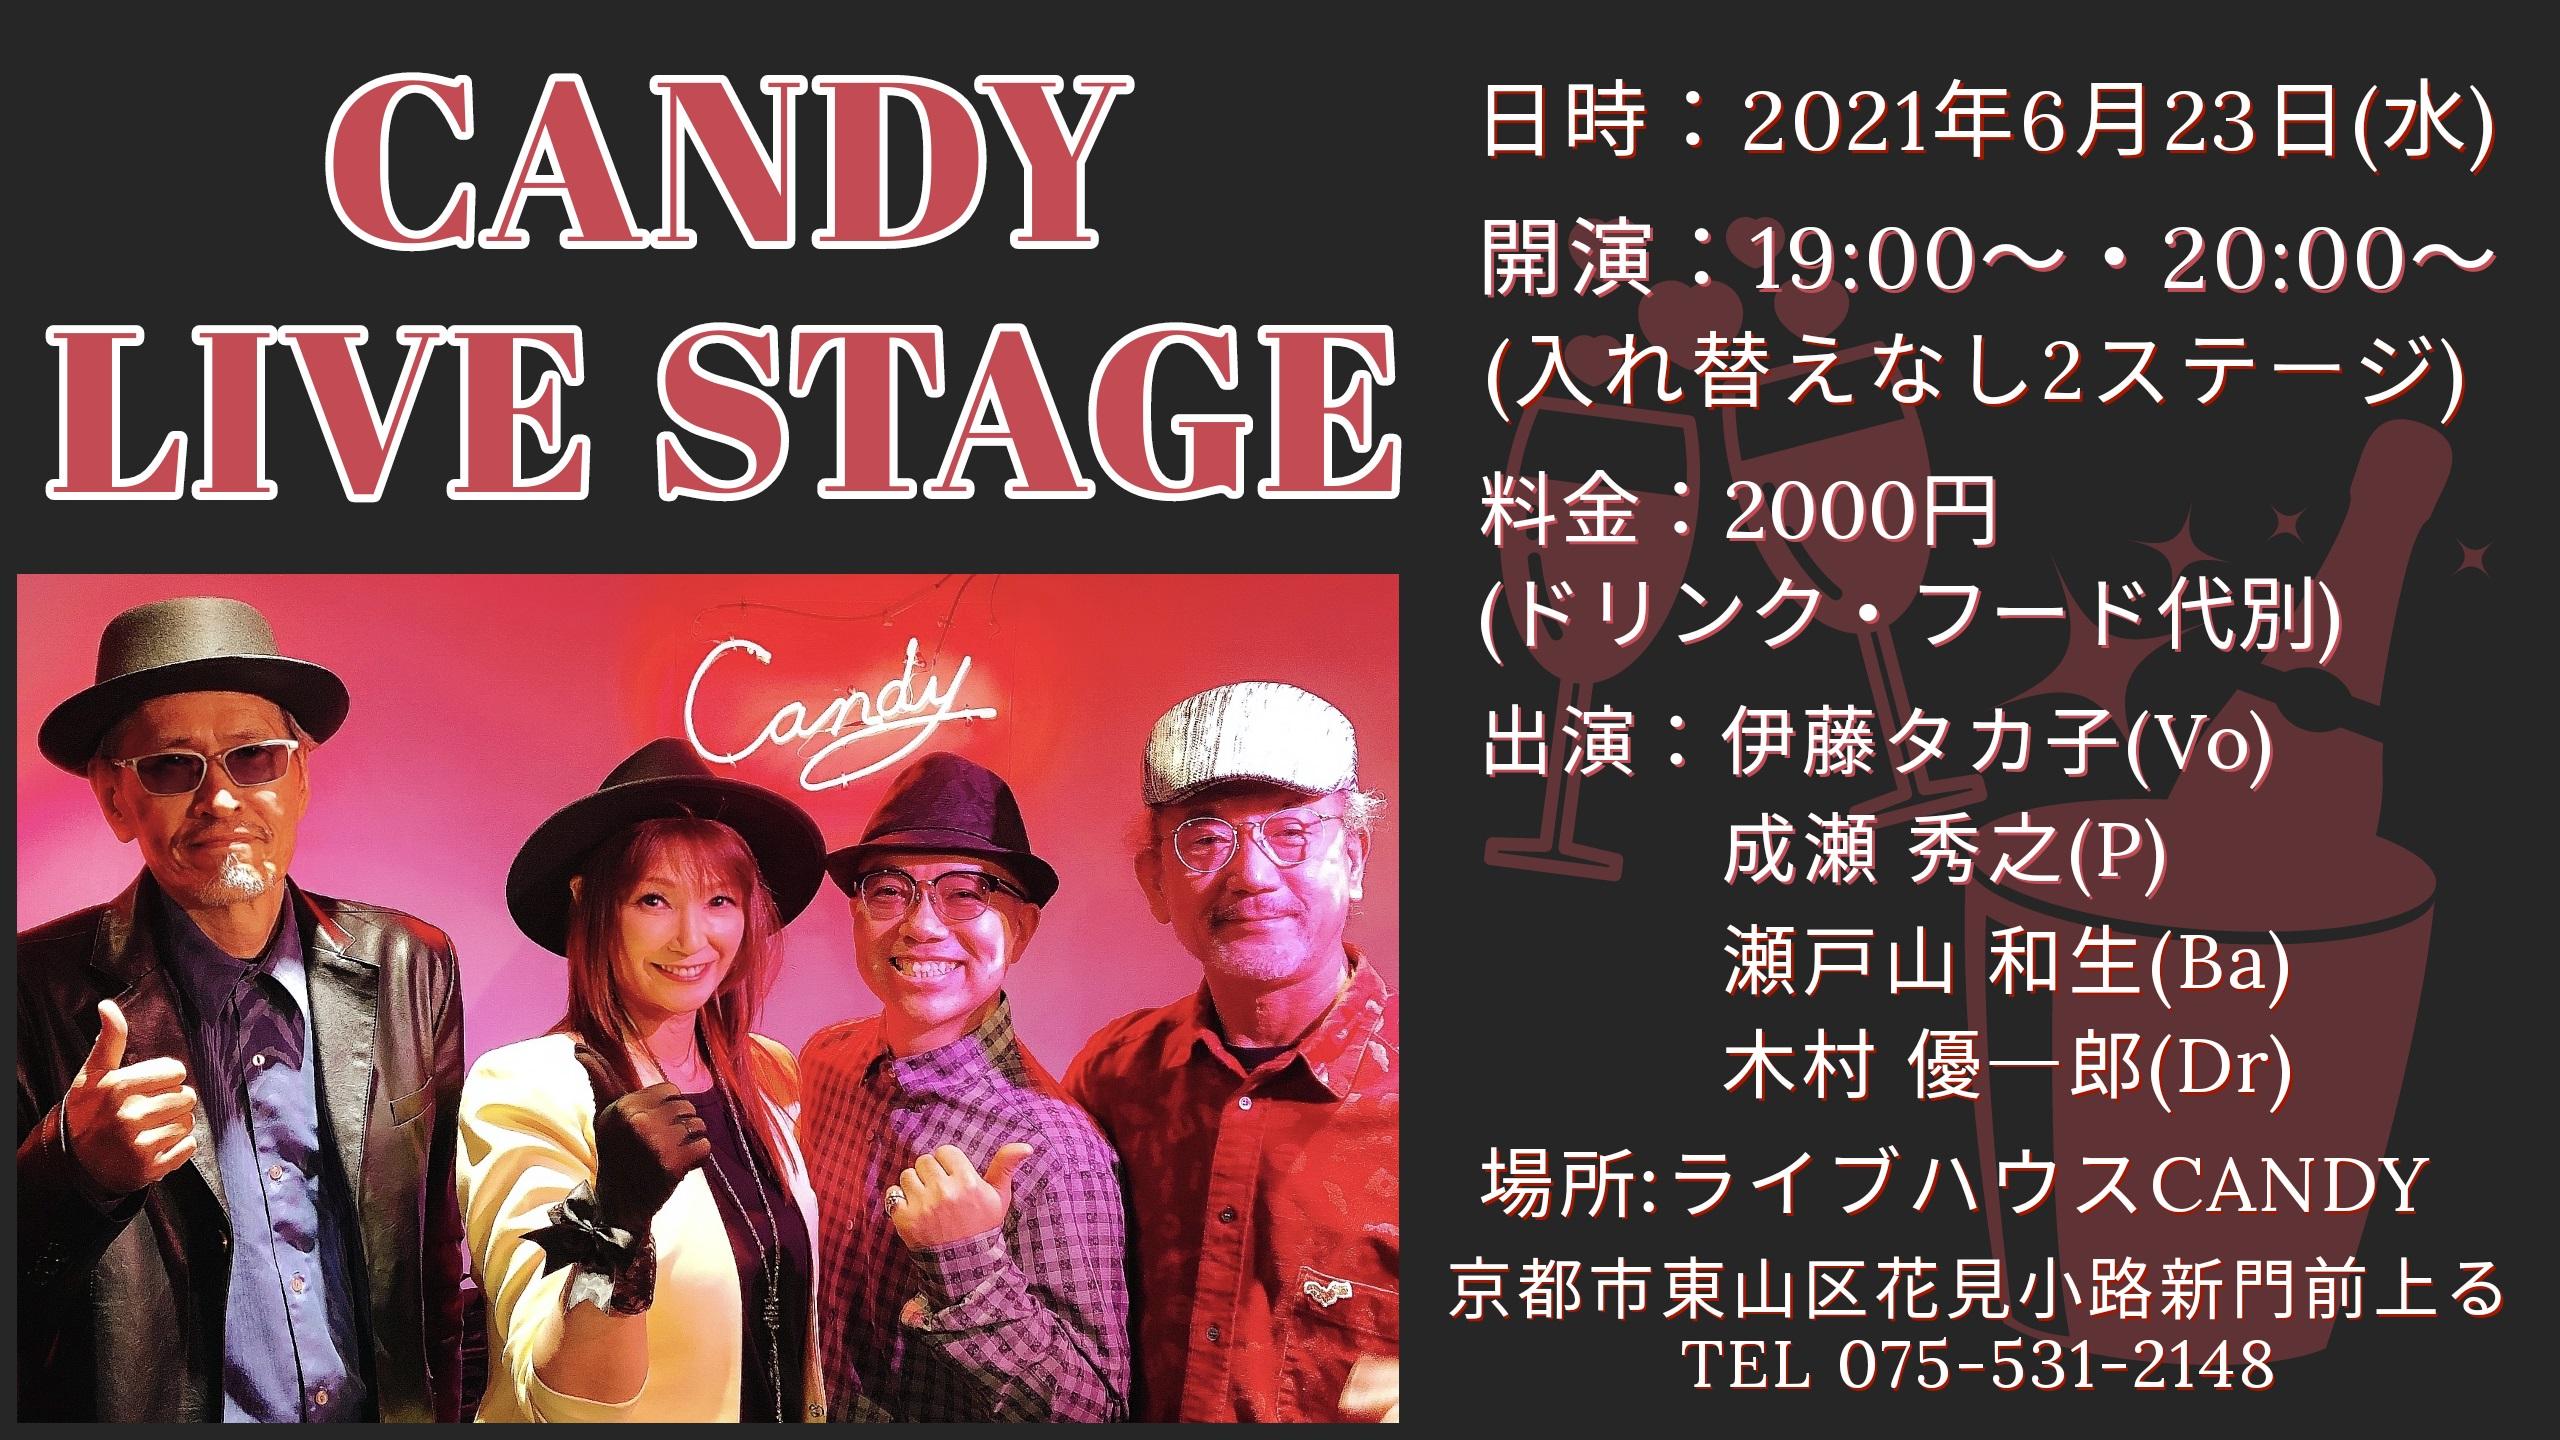 6月CANDY LIVEステージのお知らせ